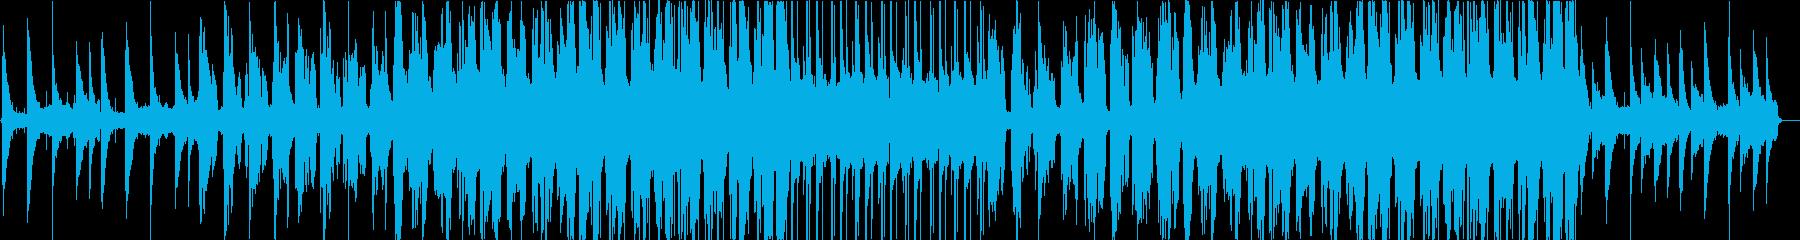 ピアノ 秋 冬 チルアウト エモい洋楽の再生済みの波形